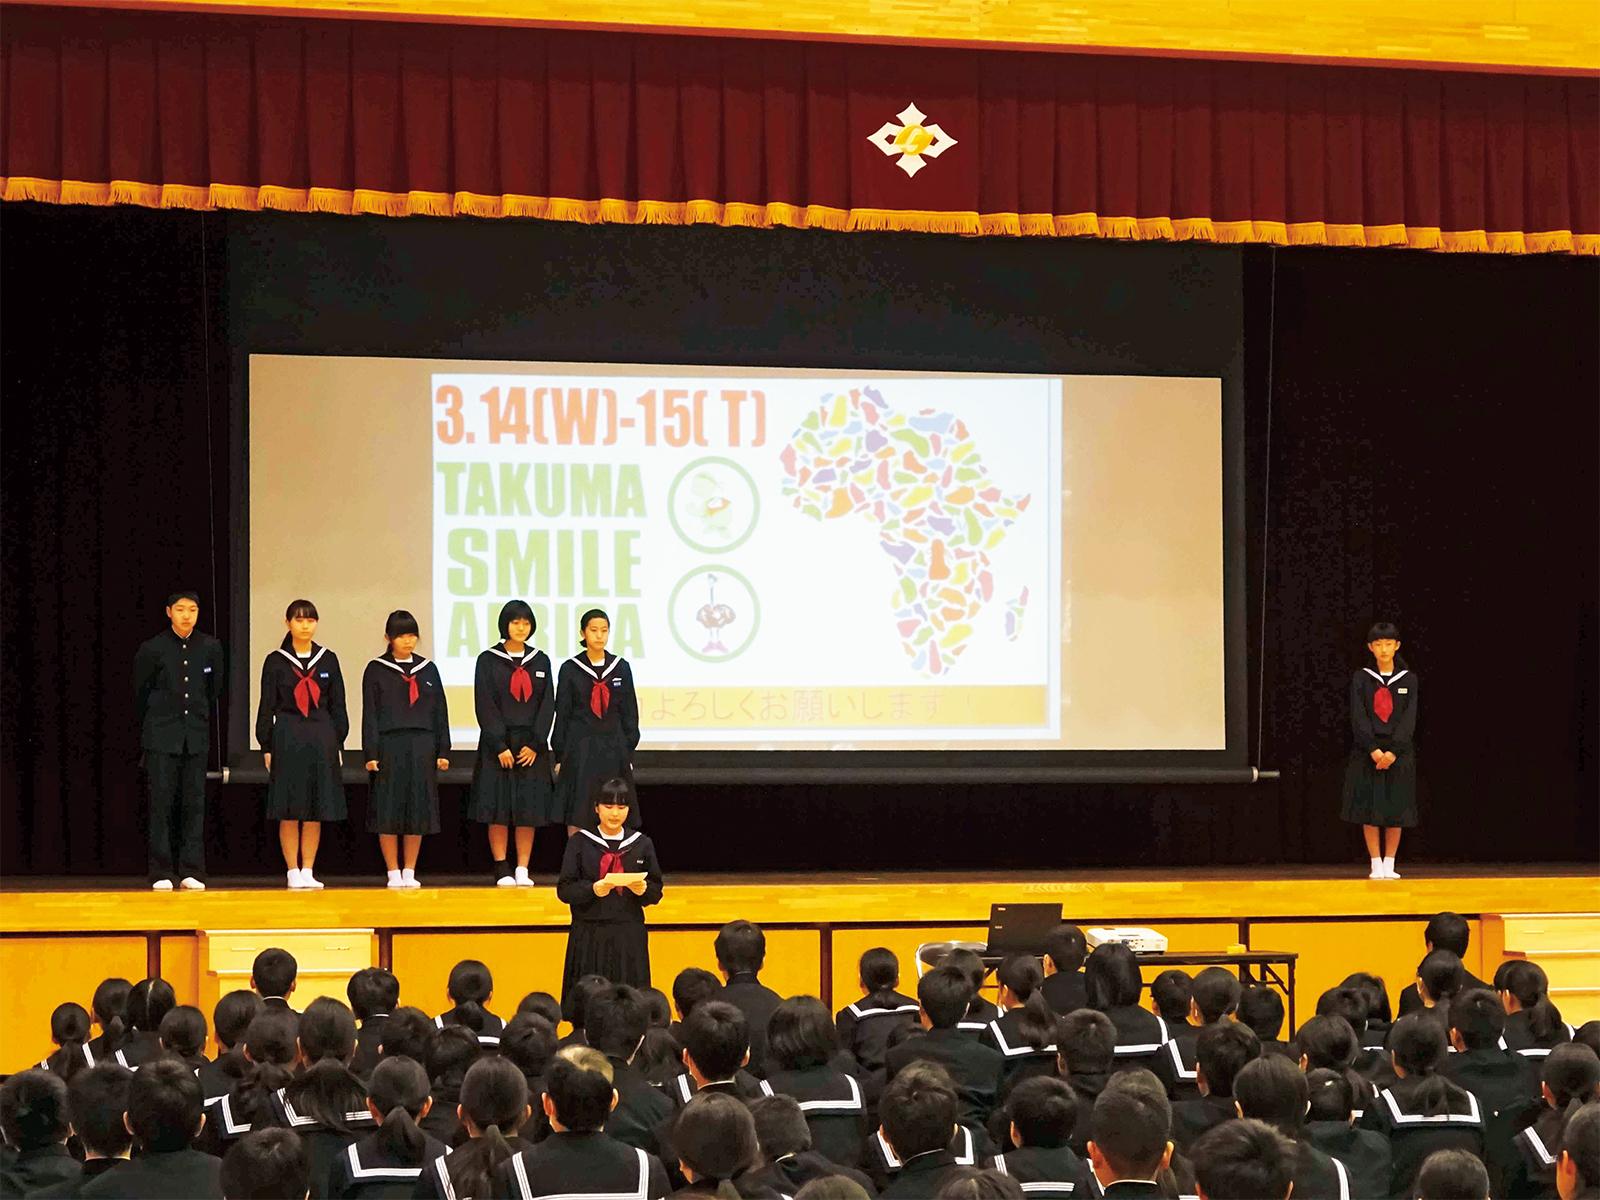 三豊市立詫間中学校では全校朝礼の時間を使って、プロジェクトの紹介を行ってくれた。生徒会本部役員たちが寸劇を行ったり、プロジェクターを使った説明を行い、アフリカへの関心を持ってもらった。